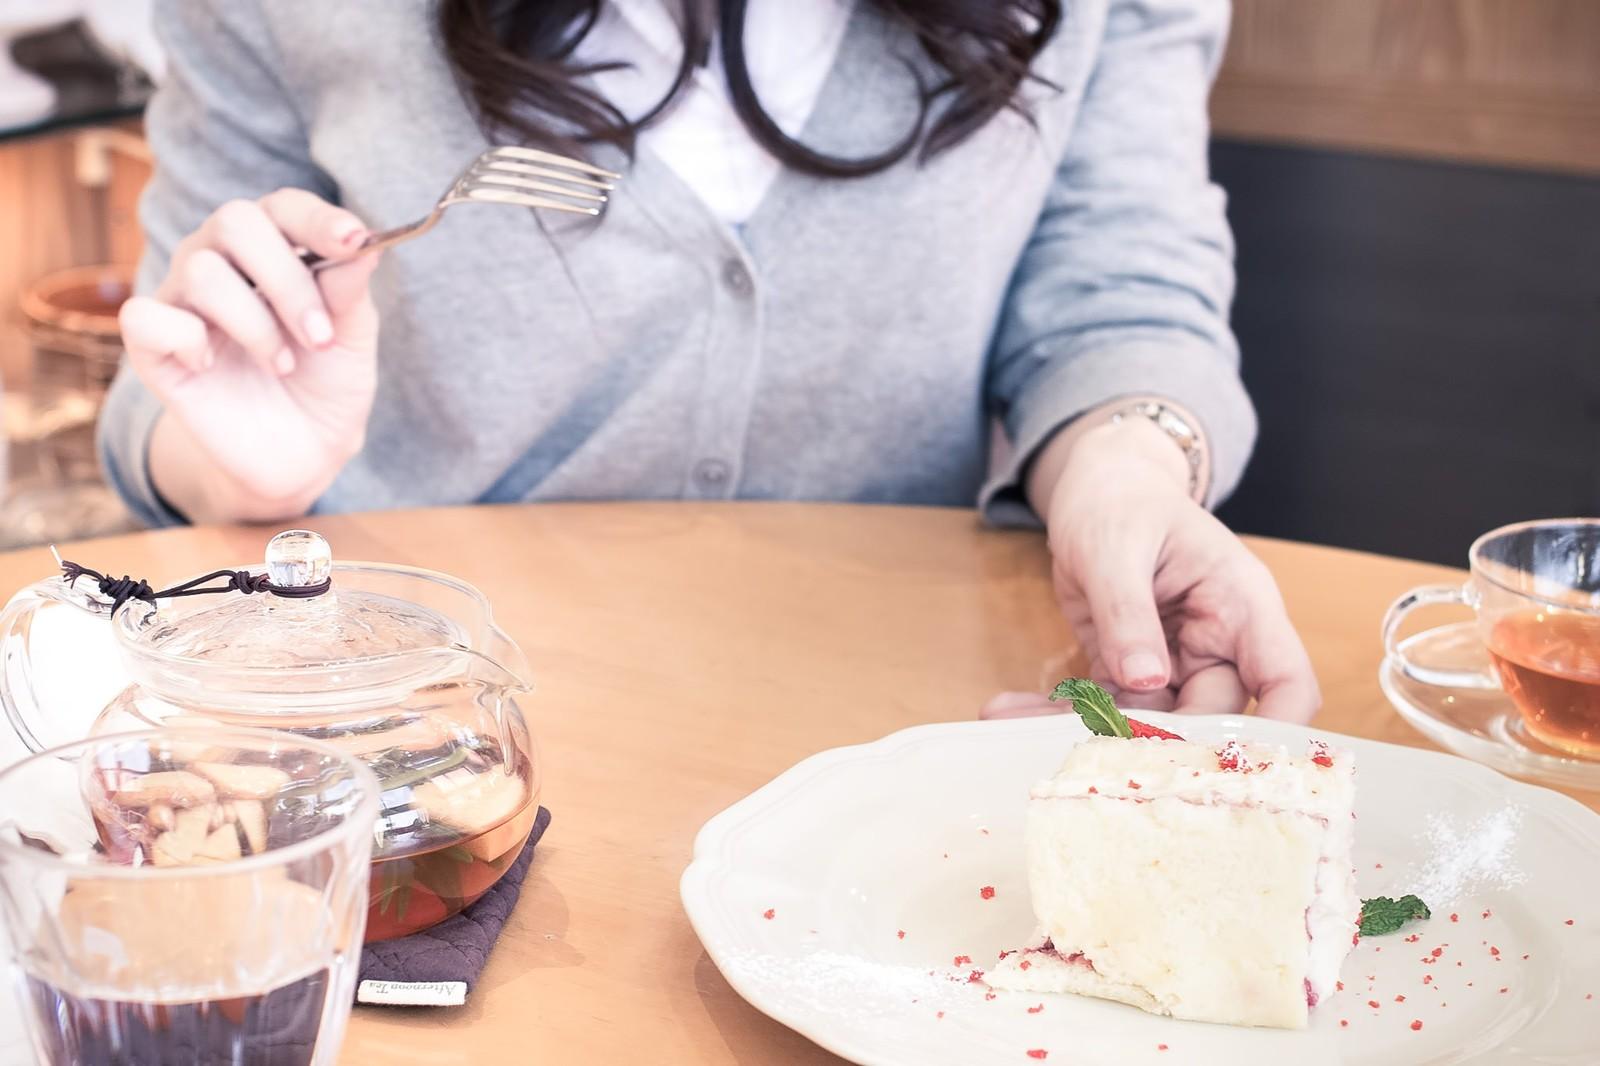 津市「チーズケーキ横井」が美味しいと話題に!予約・取り寄せ方法は?